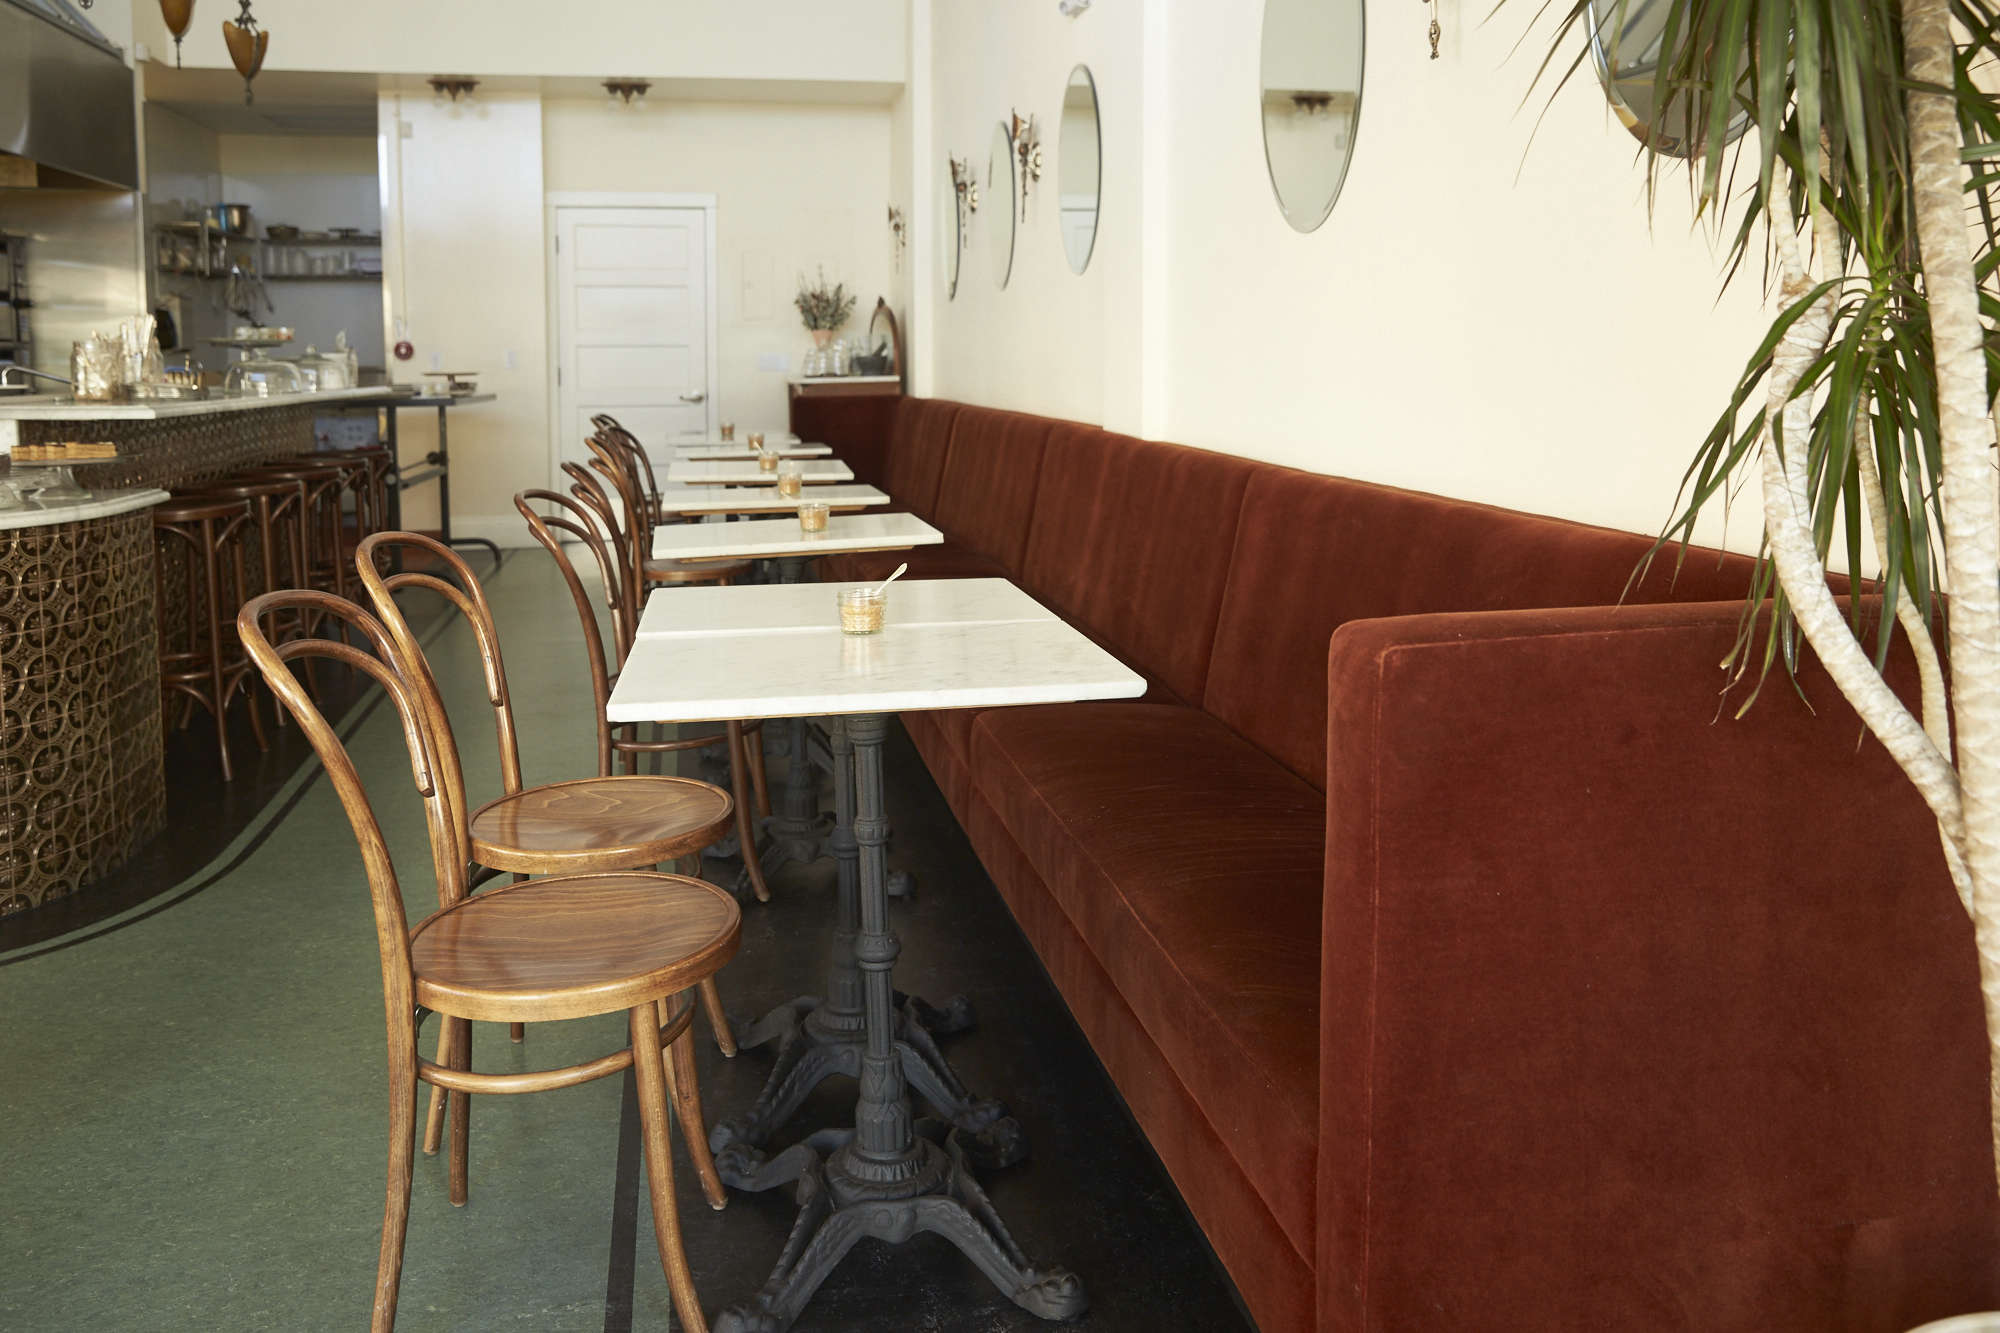 twentieth century cafe: old vienna comes to san francisco